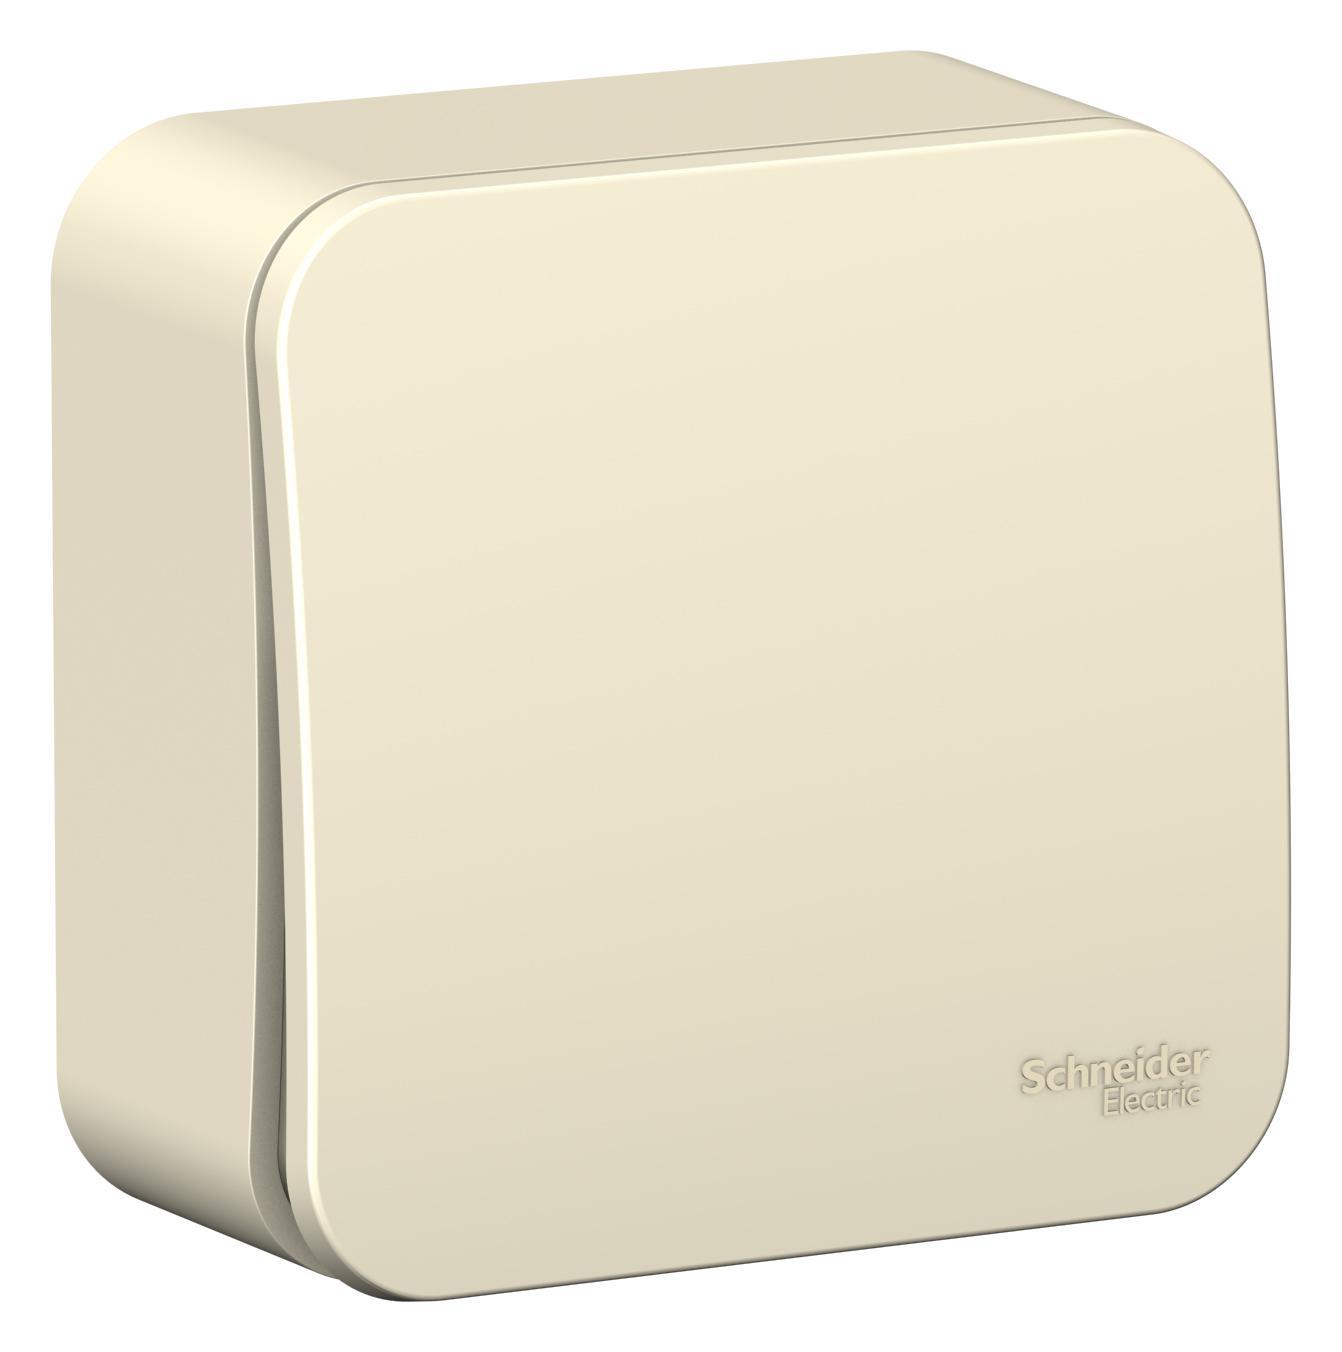 Выключатель Schneider electric Blnva101012 blanca выключатель schneider electric blnva101013 blanca